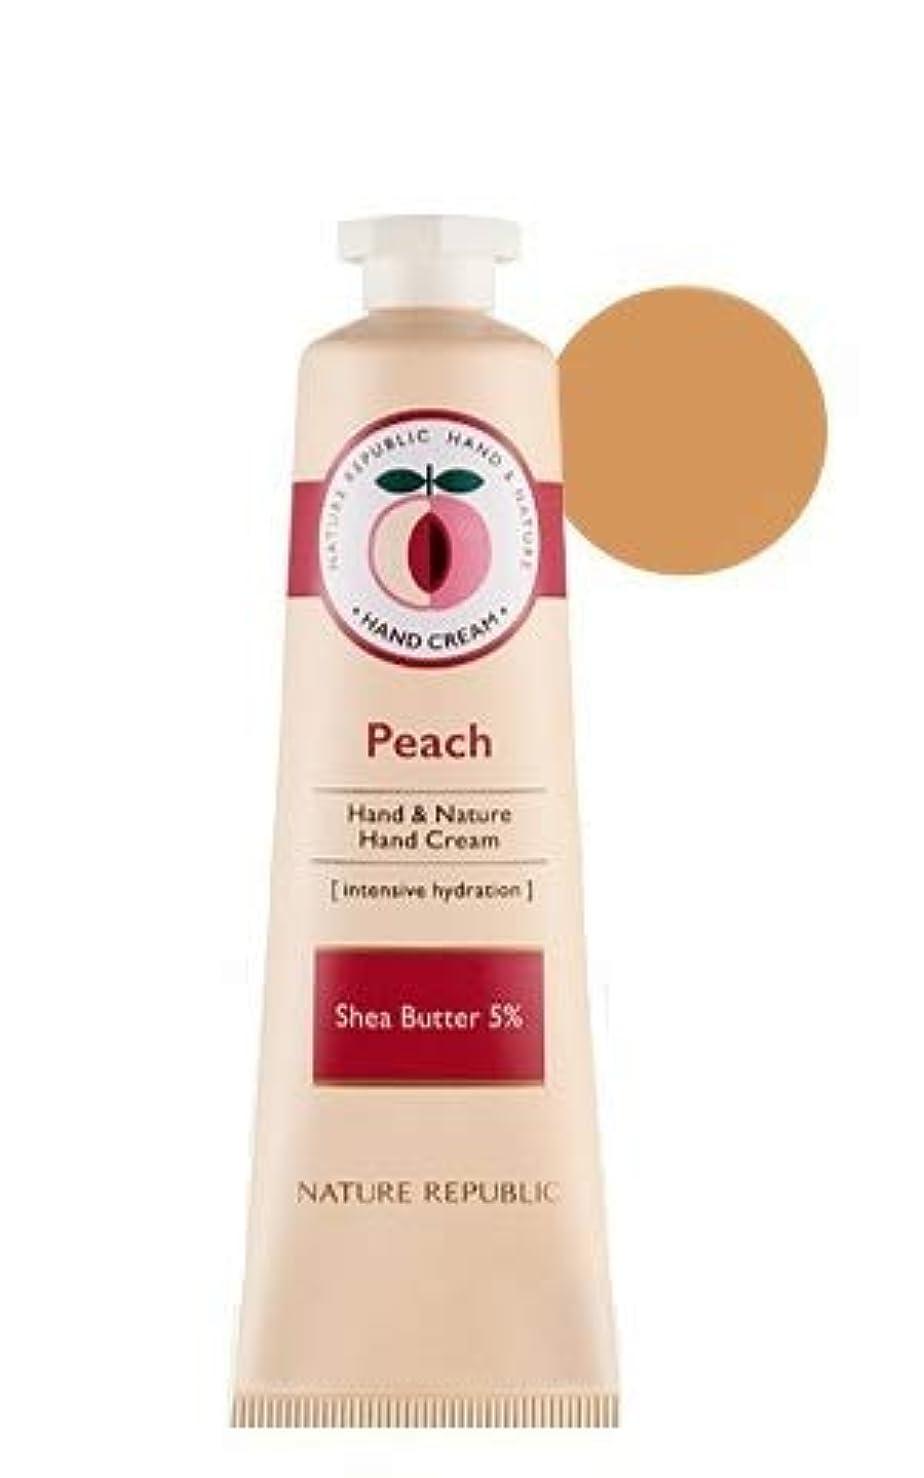 アルバニー弱い許容[リニューアル]ネイチャーリパブリック NATURE REPUBLIC ハンドアンドネイチャーハンドクリーム Hand & Nature Hand Cream (# PEACH) [並行輸入品]